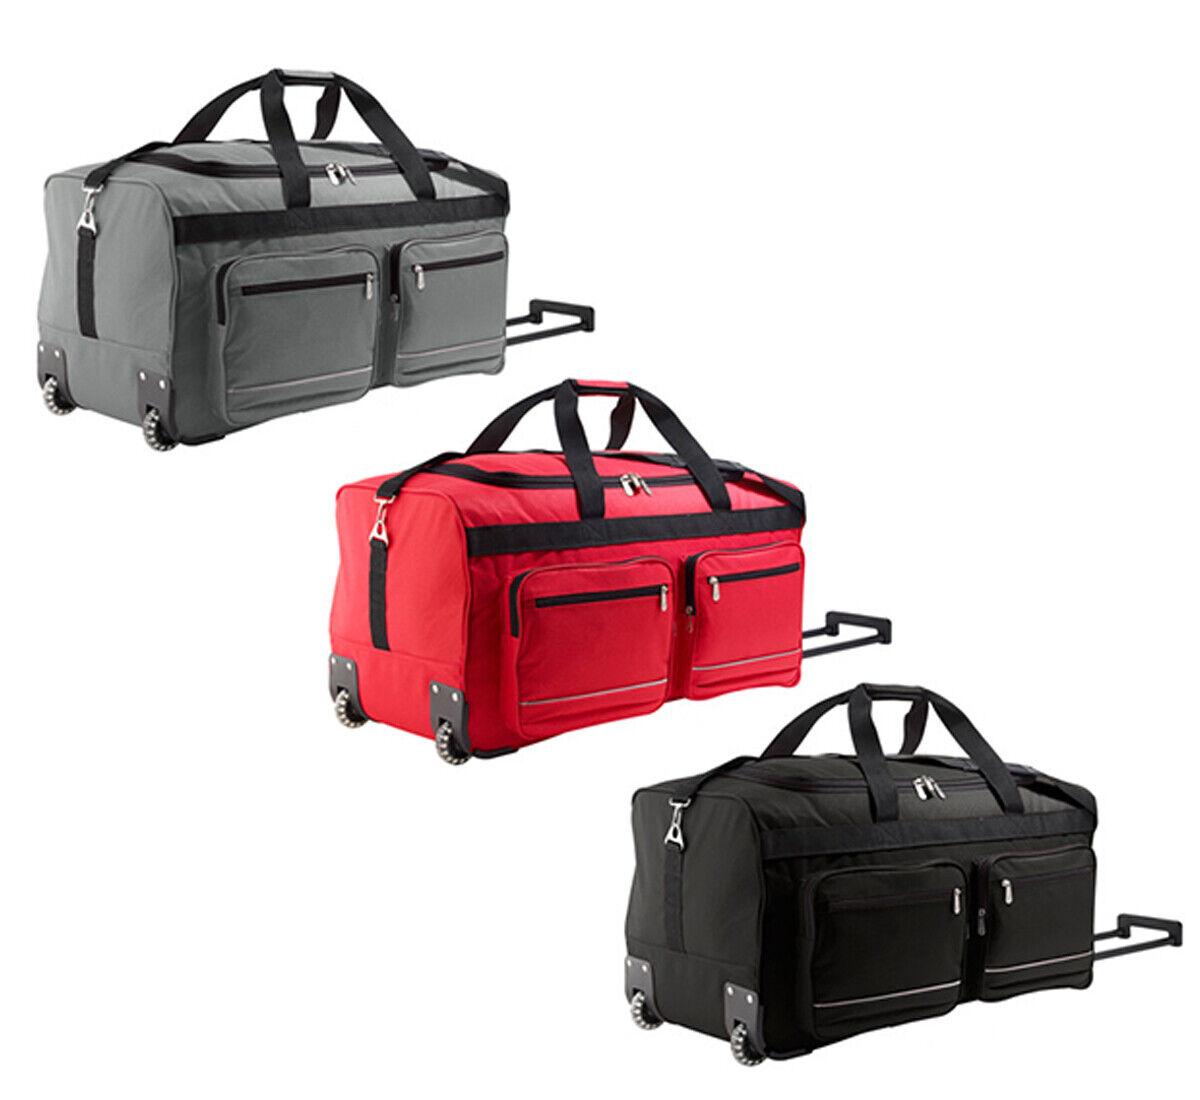 Señores valija con ruedas bolsa de gimnasia entrenamiento bolso travel Bag